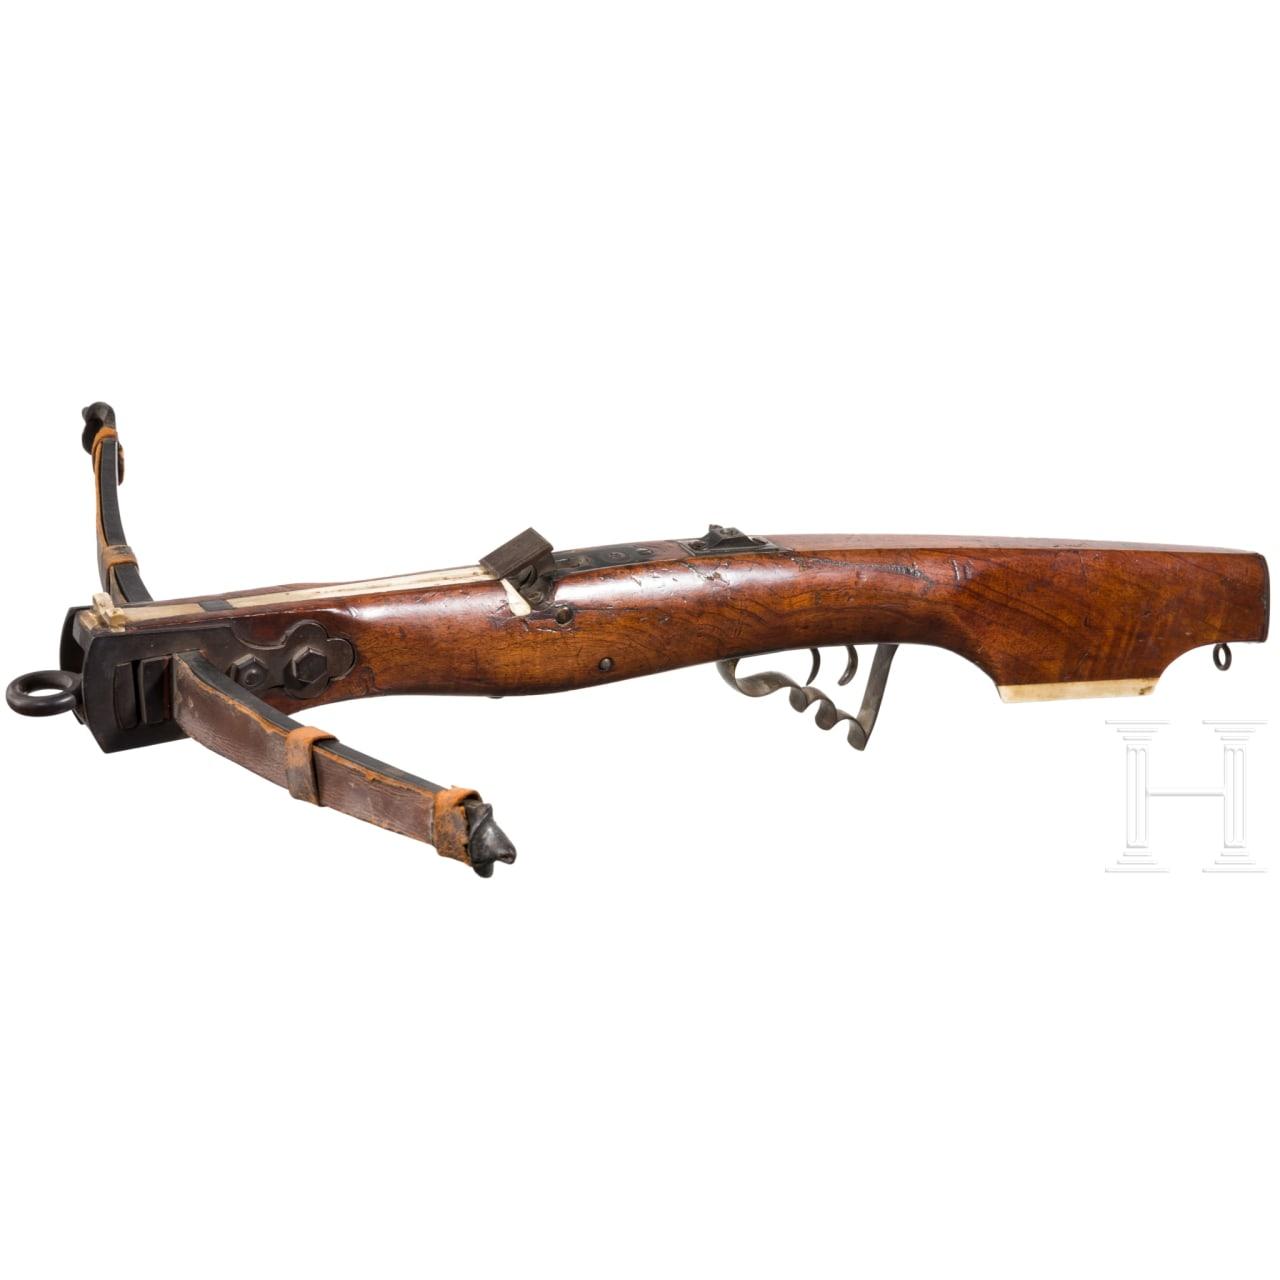 Schützenarmbrust, Bayern, um 1900